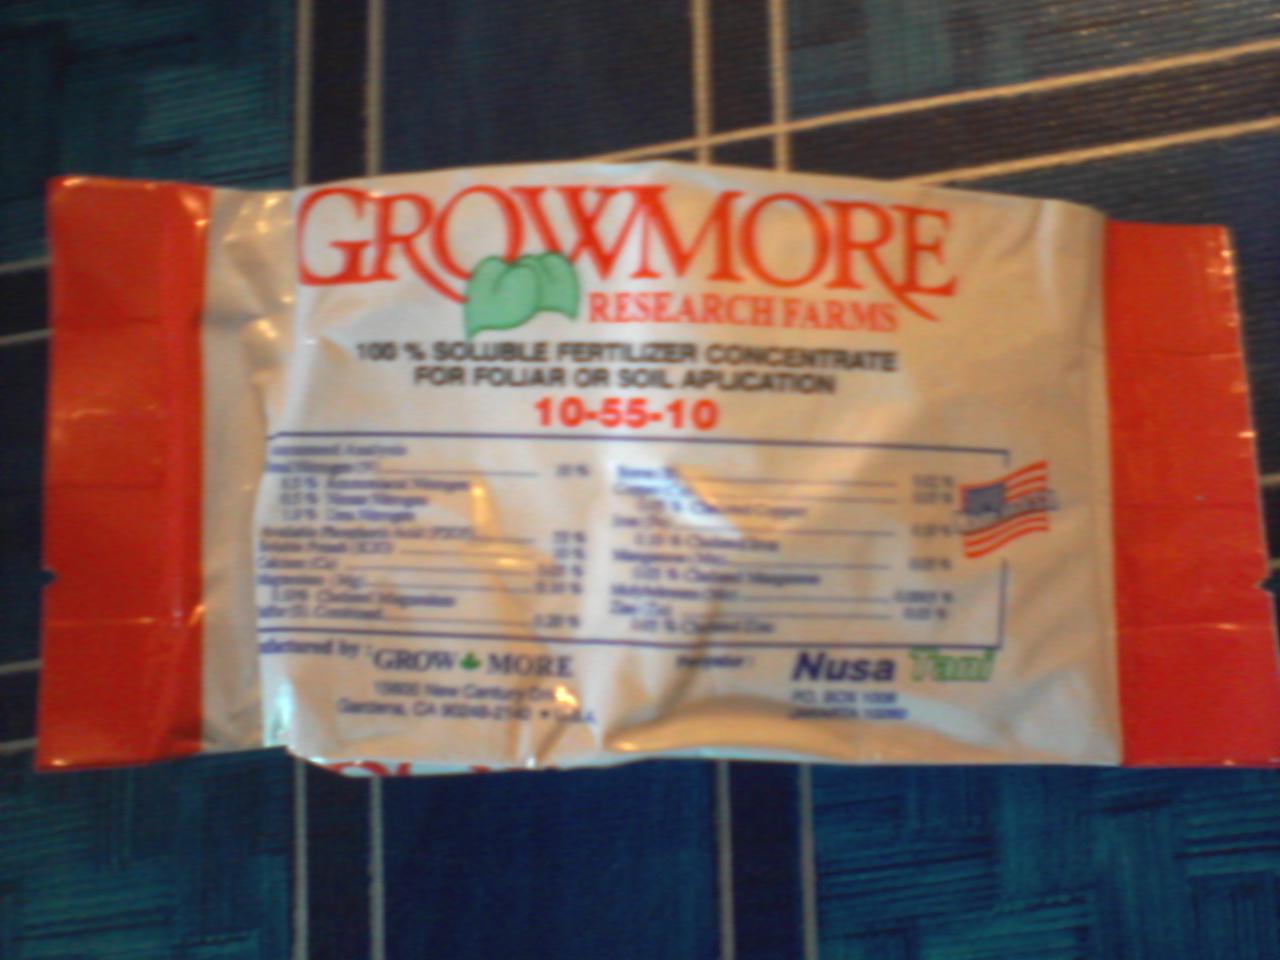 Beli Daftar Harga Pupuk Growmore Terupdate Oktober Nutrisi Npk Bunga Dan Buah 6 30 454gram Gambar Terkait